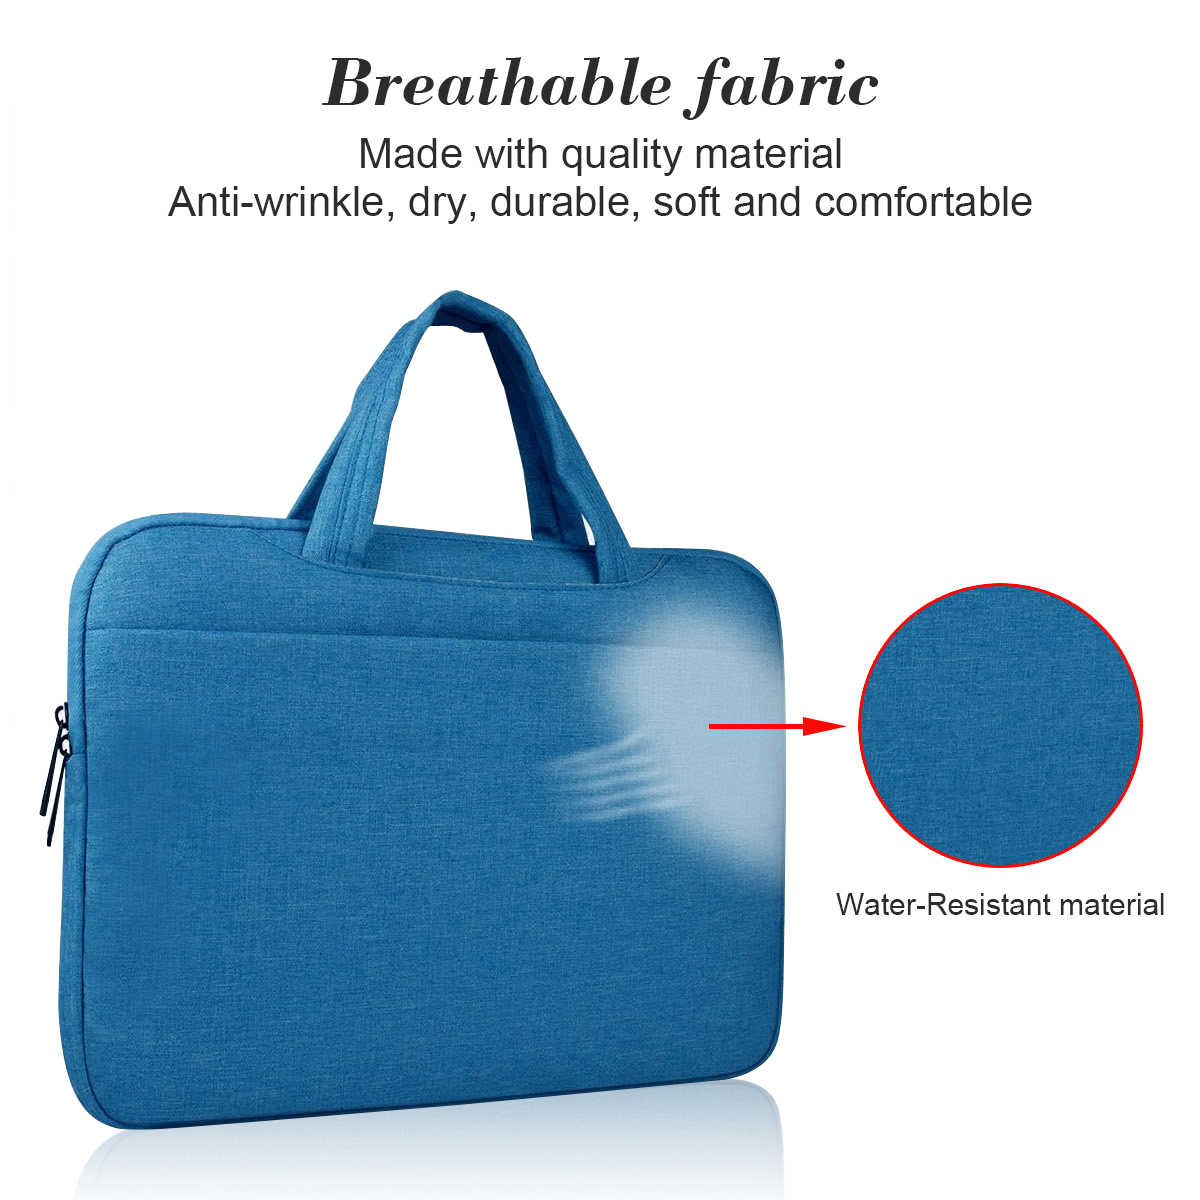 """Pochette pour ordinateur portable sacoche pour Macbook Air 11 Air 13 Pro 13 Pro 15 ''nouveau Retina 12 13 15 housse sac à main pour ordinateur portable 14"""" 13.3 """"15.4"""" 15.6"""""""